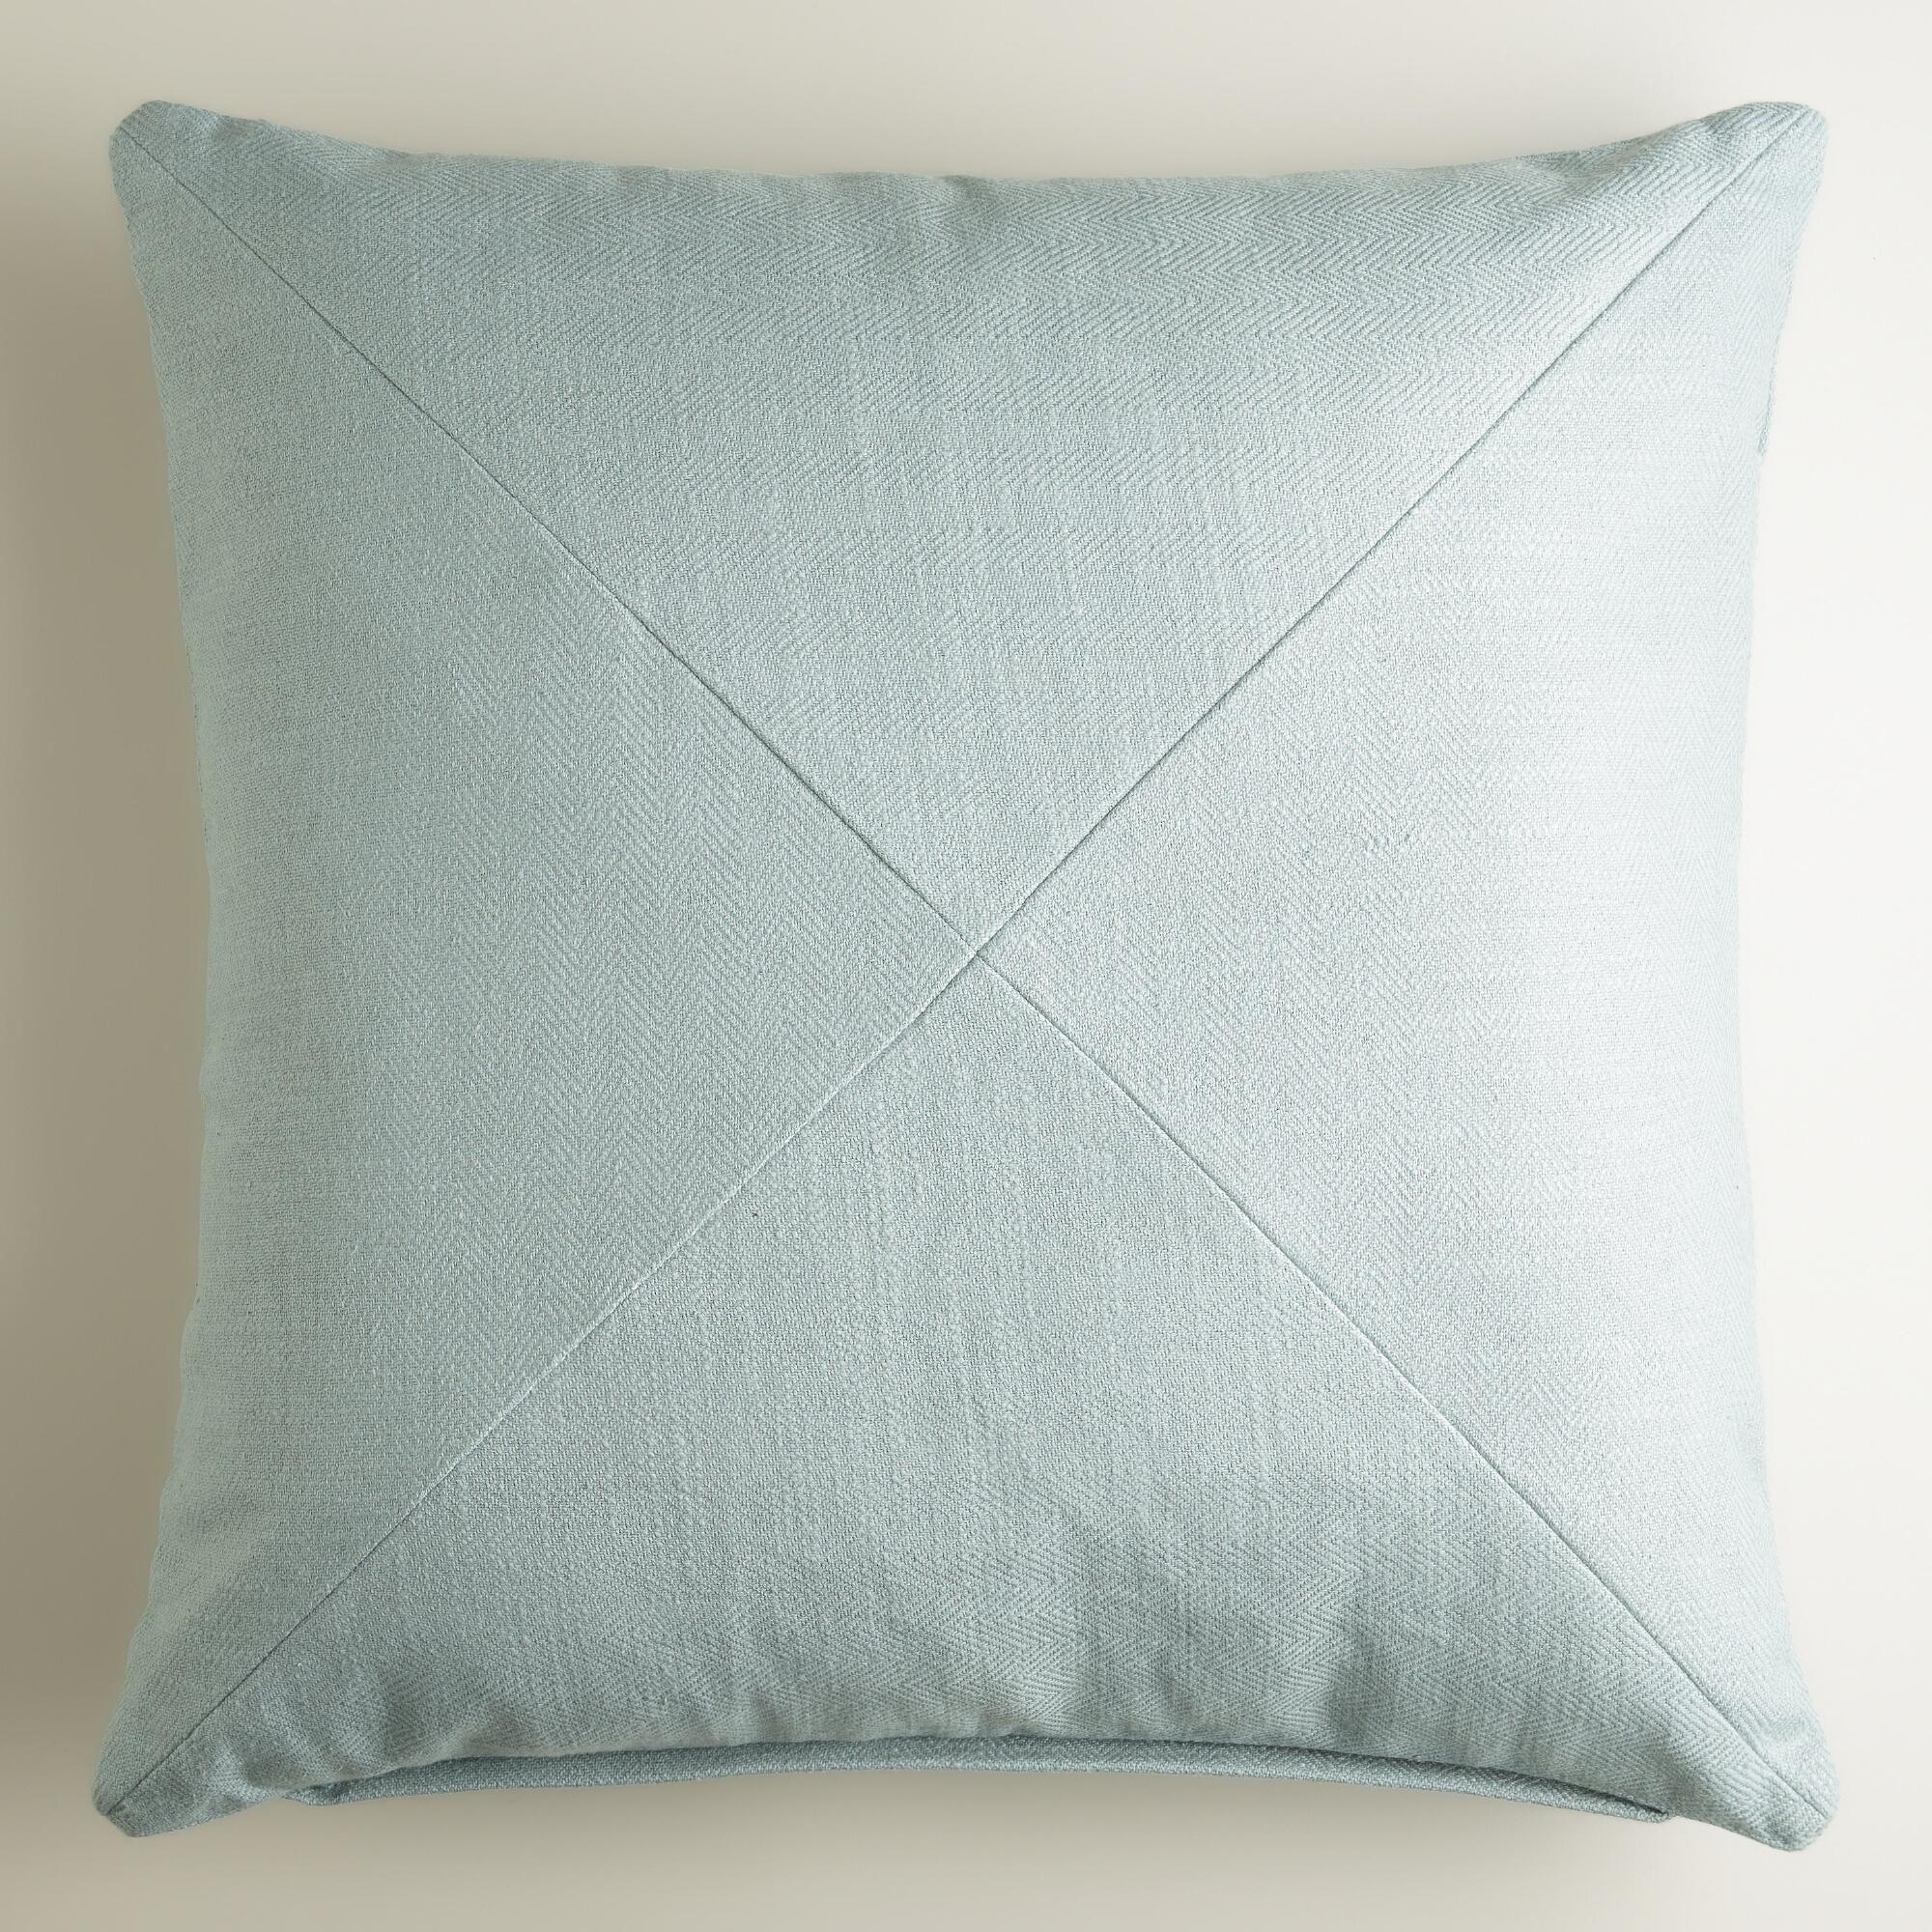 Slate Blue Herringbone Throw Pillow | Herringbone, Slate and Throw ...